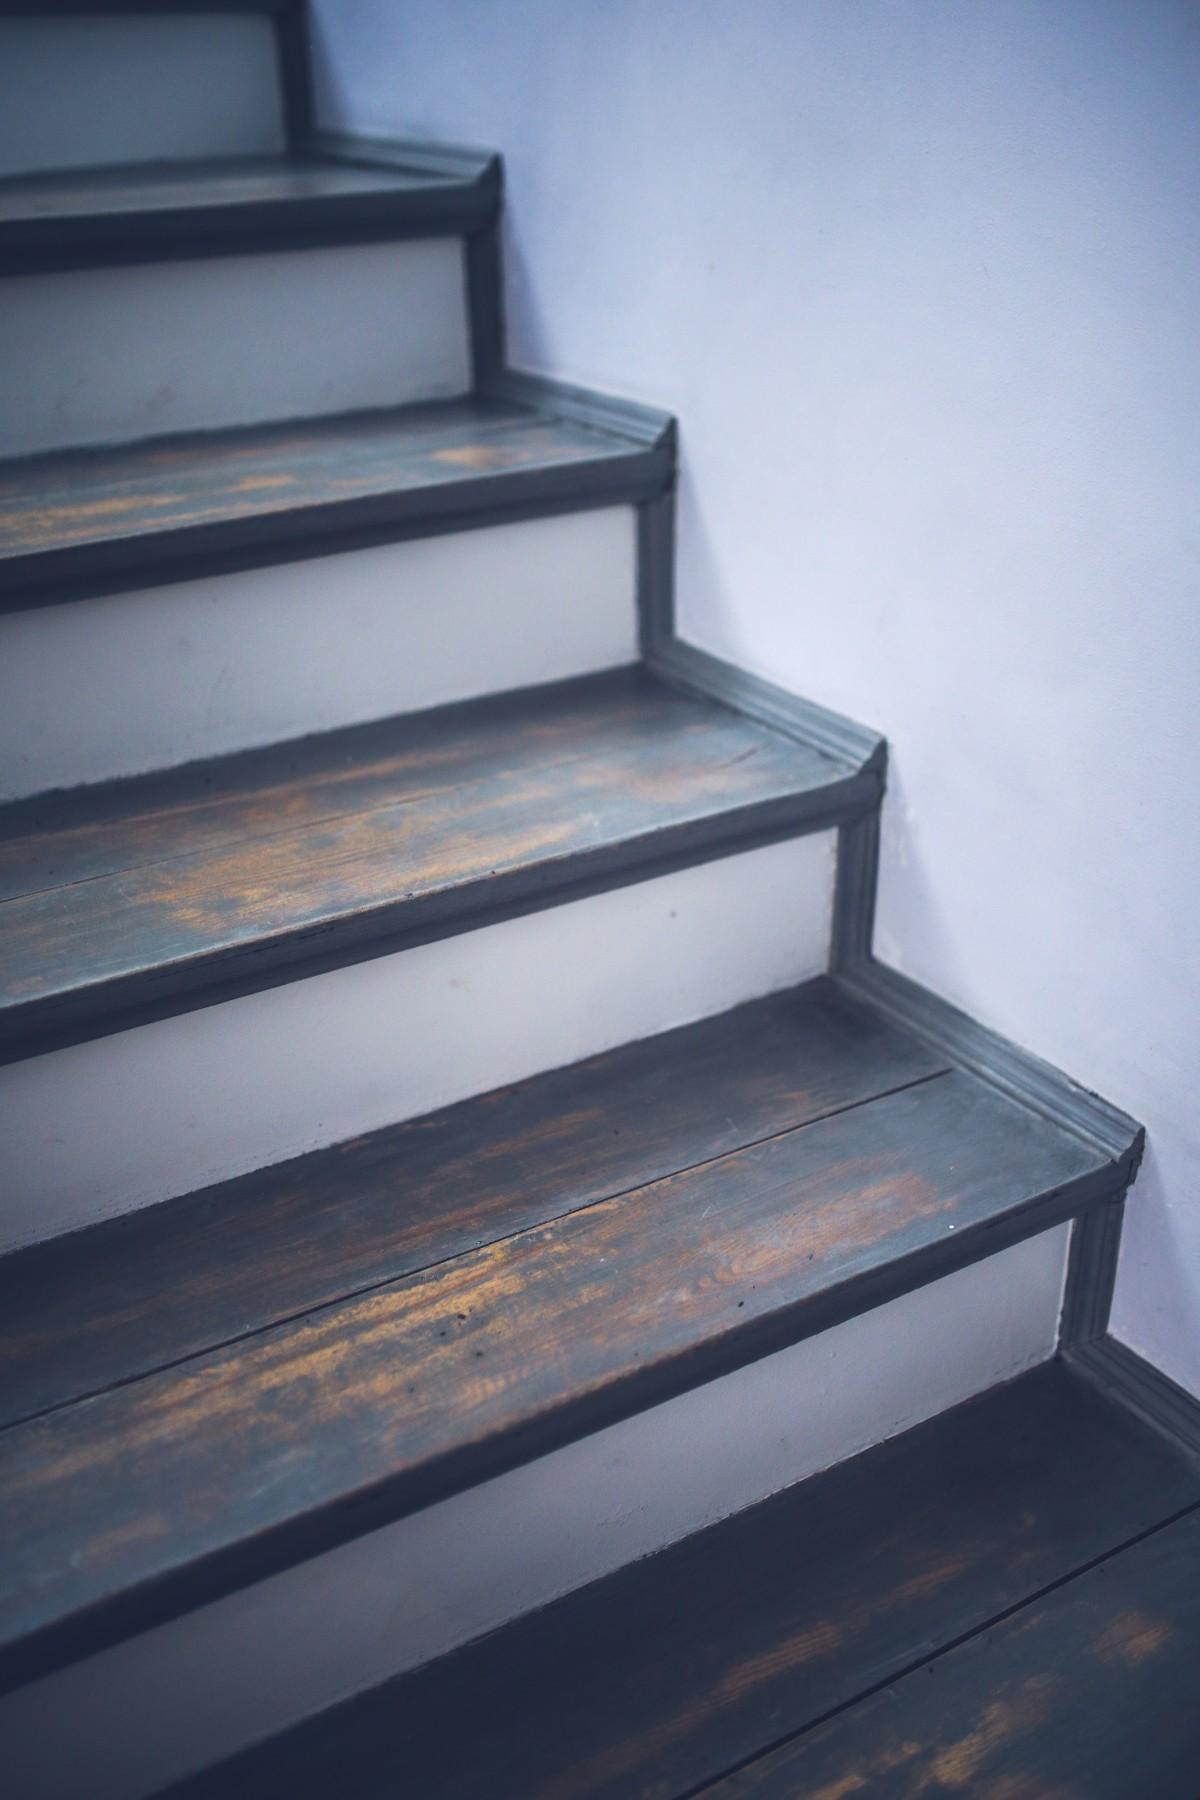 Photo Escalier Bois Peint Gris images gratuites : cru, intérieur, vieux, gris, meubles